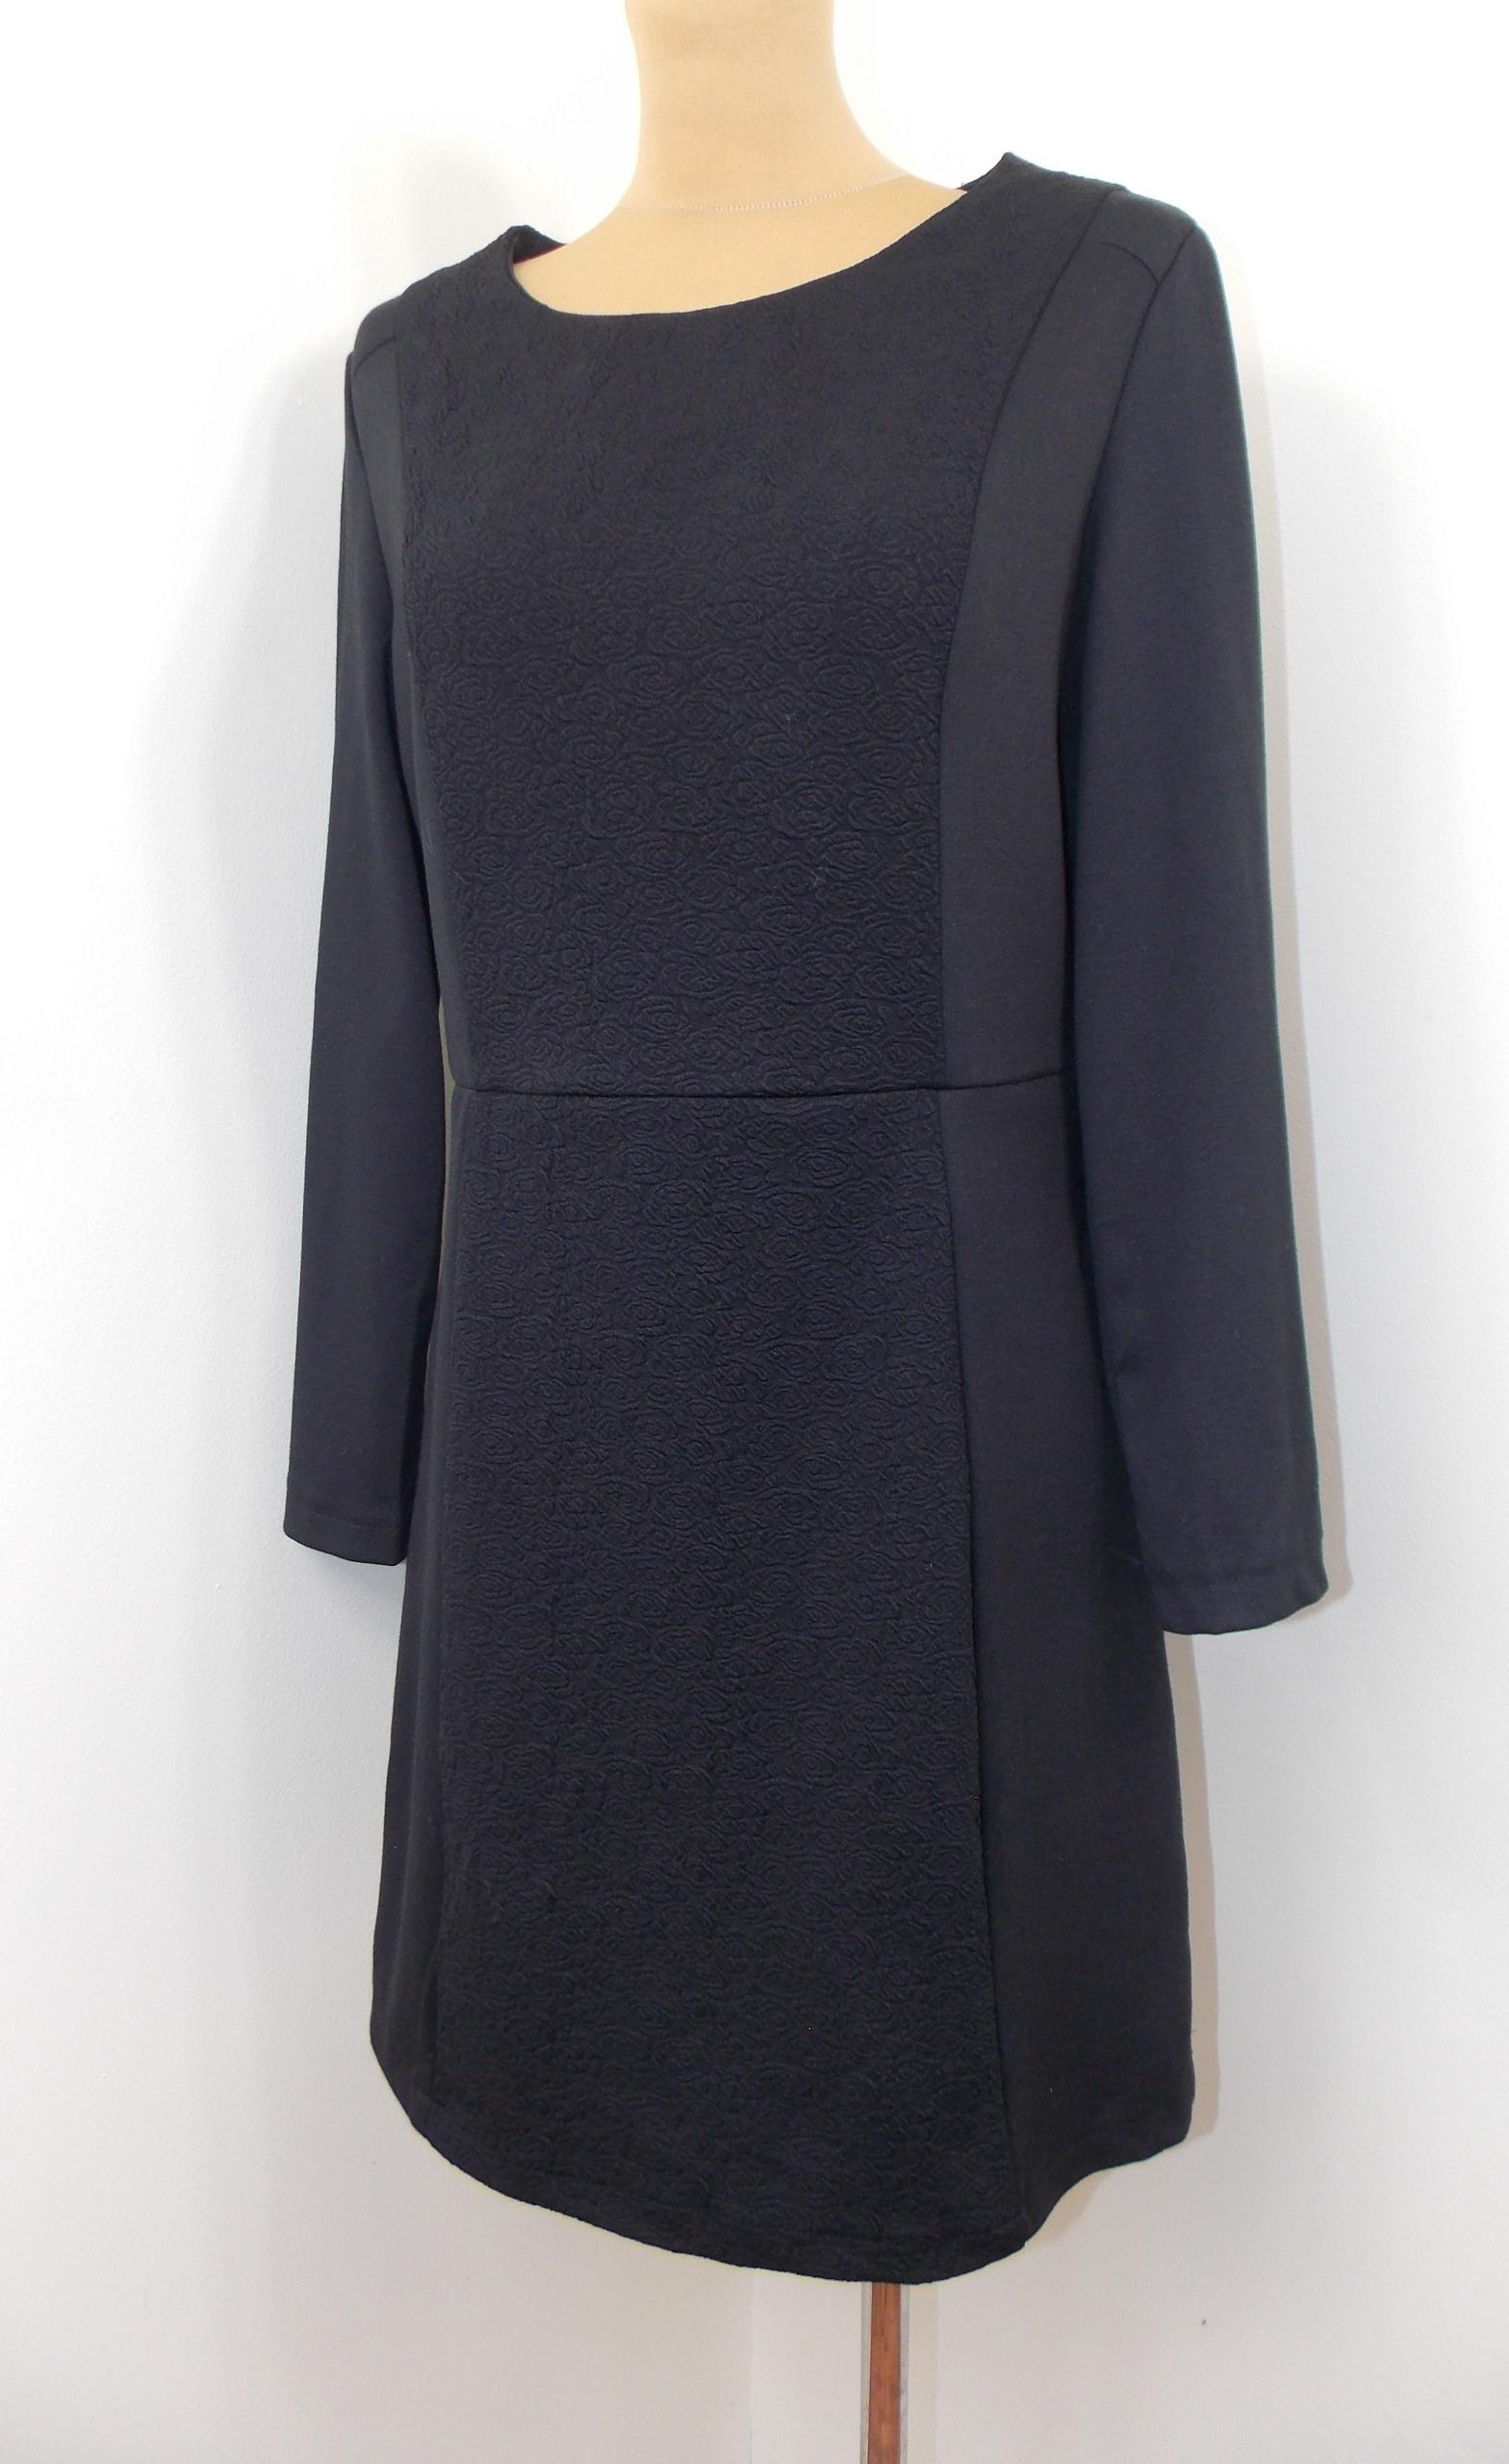 sukienka styl ASOS elegancka klasyczna biuro 42